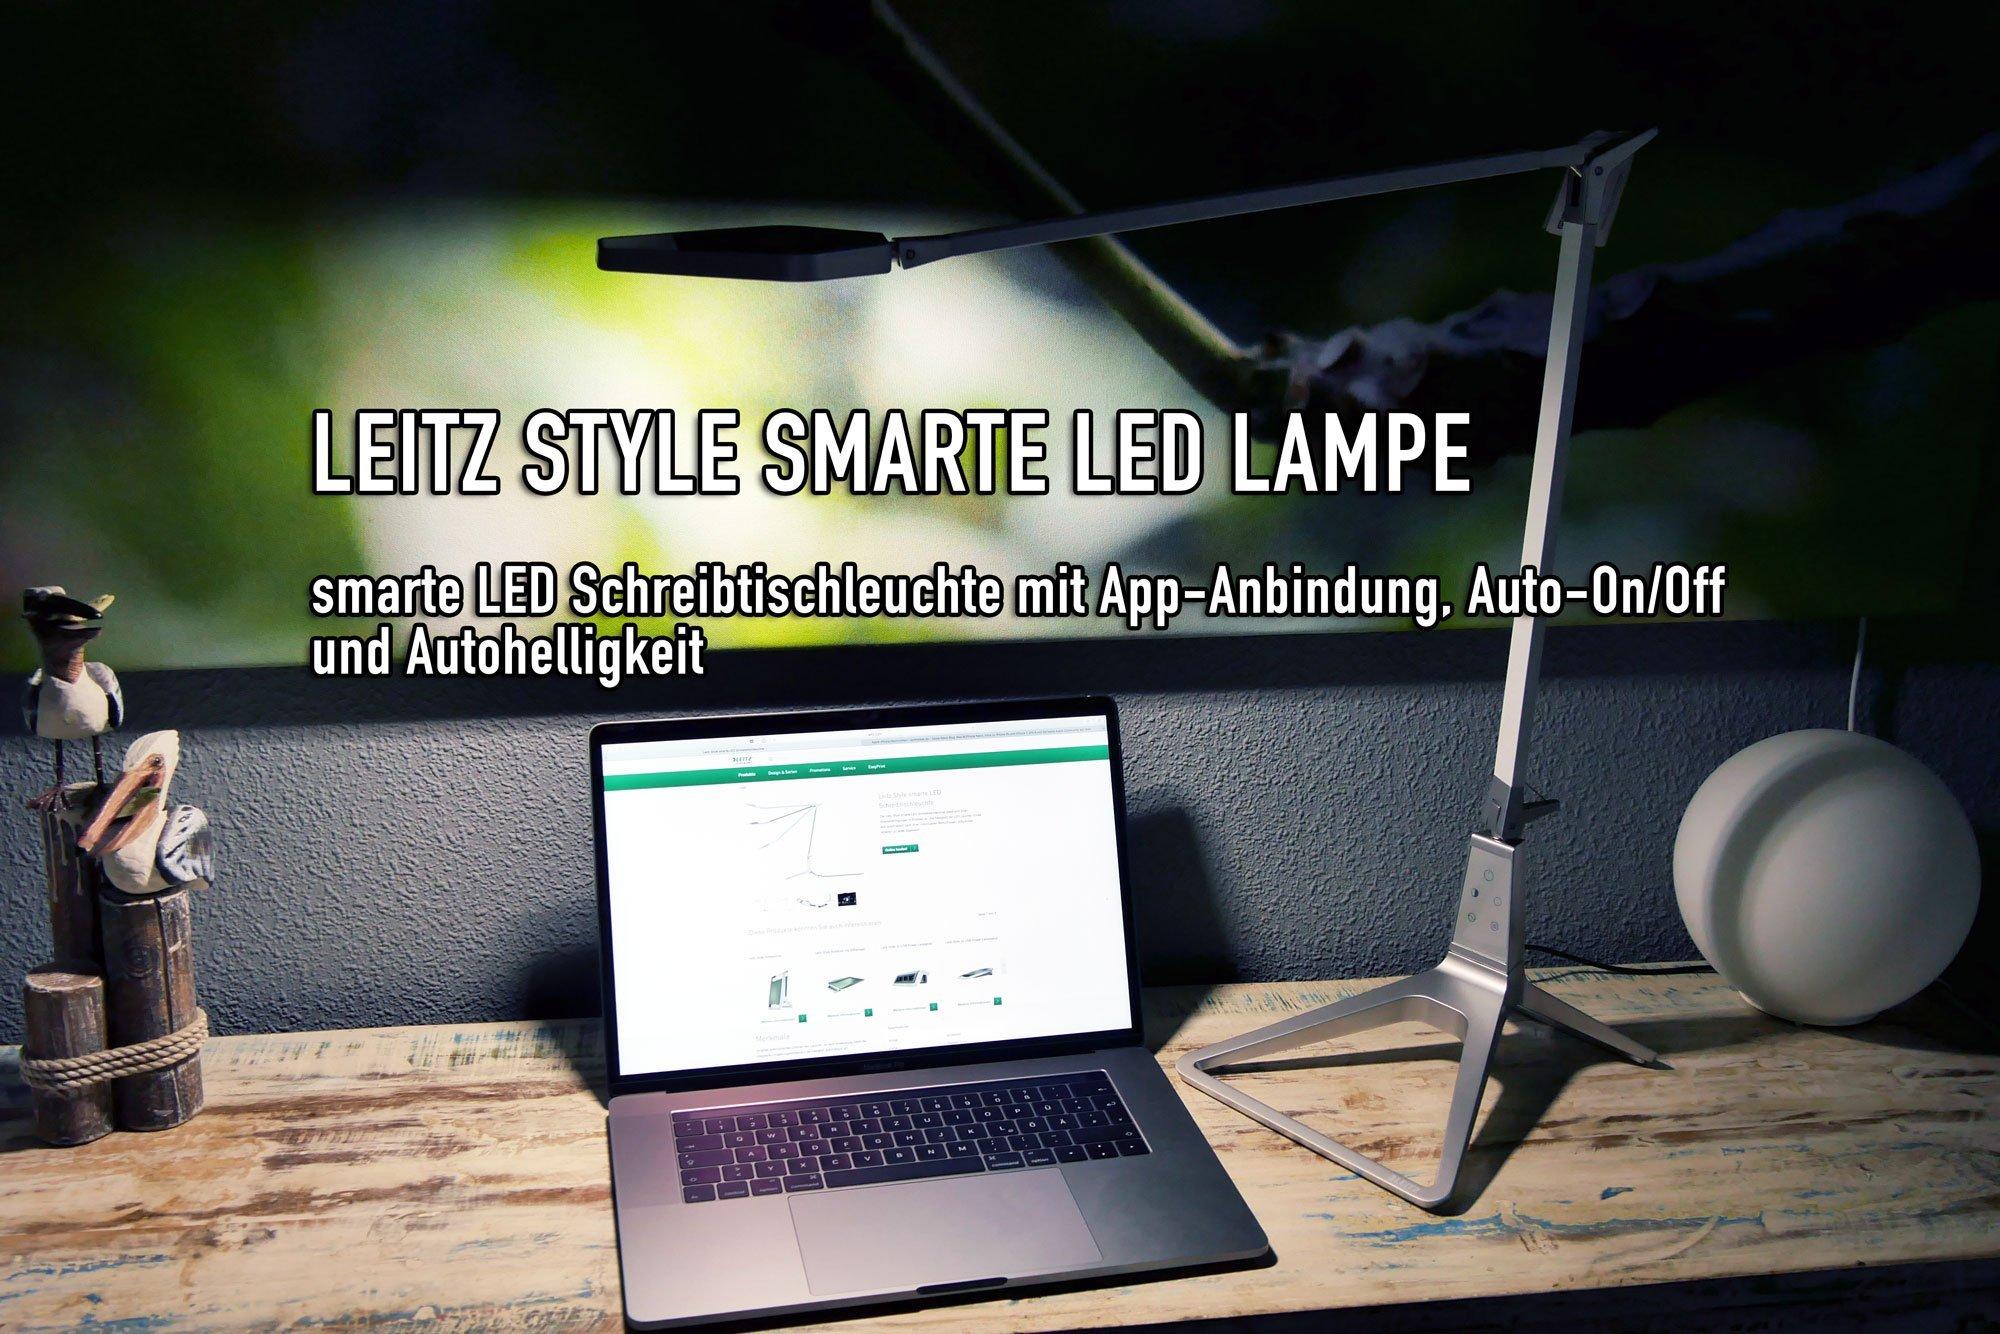 leitz style smarte led schreibtischleuchte mit app steuerung usb ladeger t. Black Bedroom Furniture Sets. Home Design Ideas